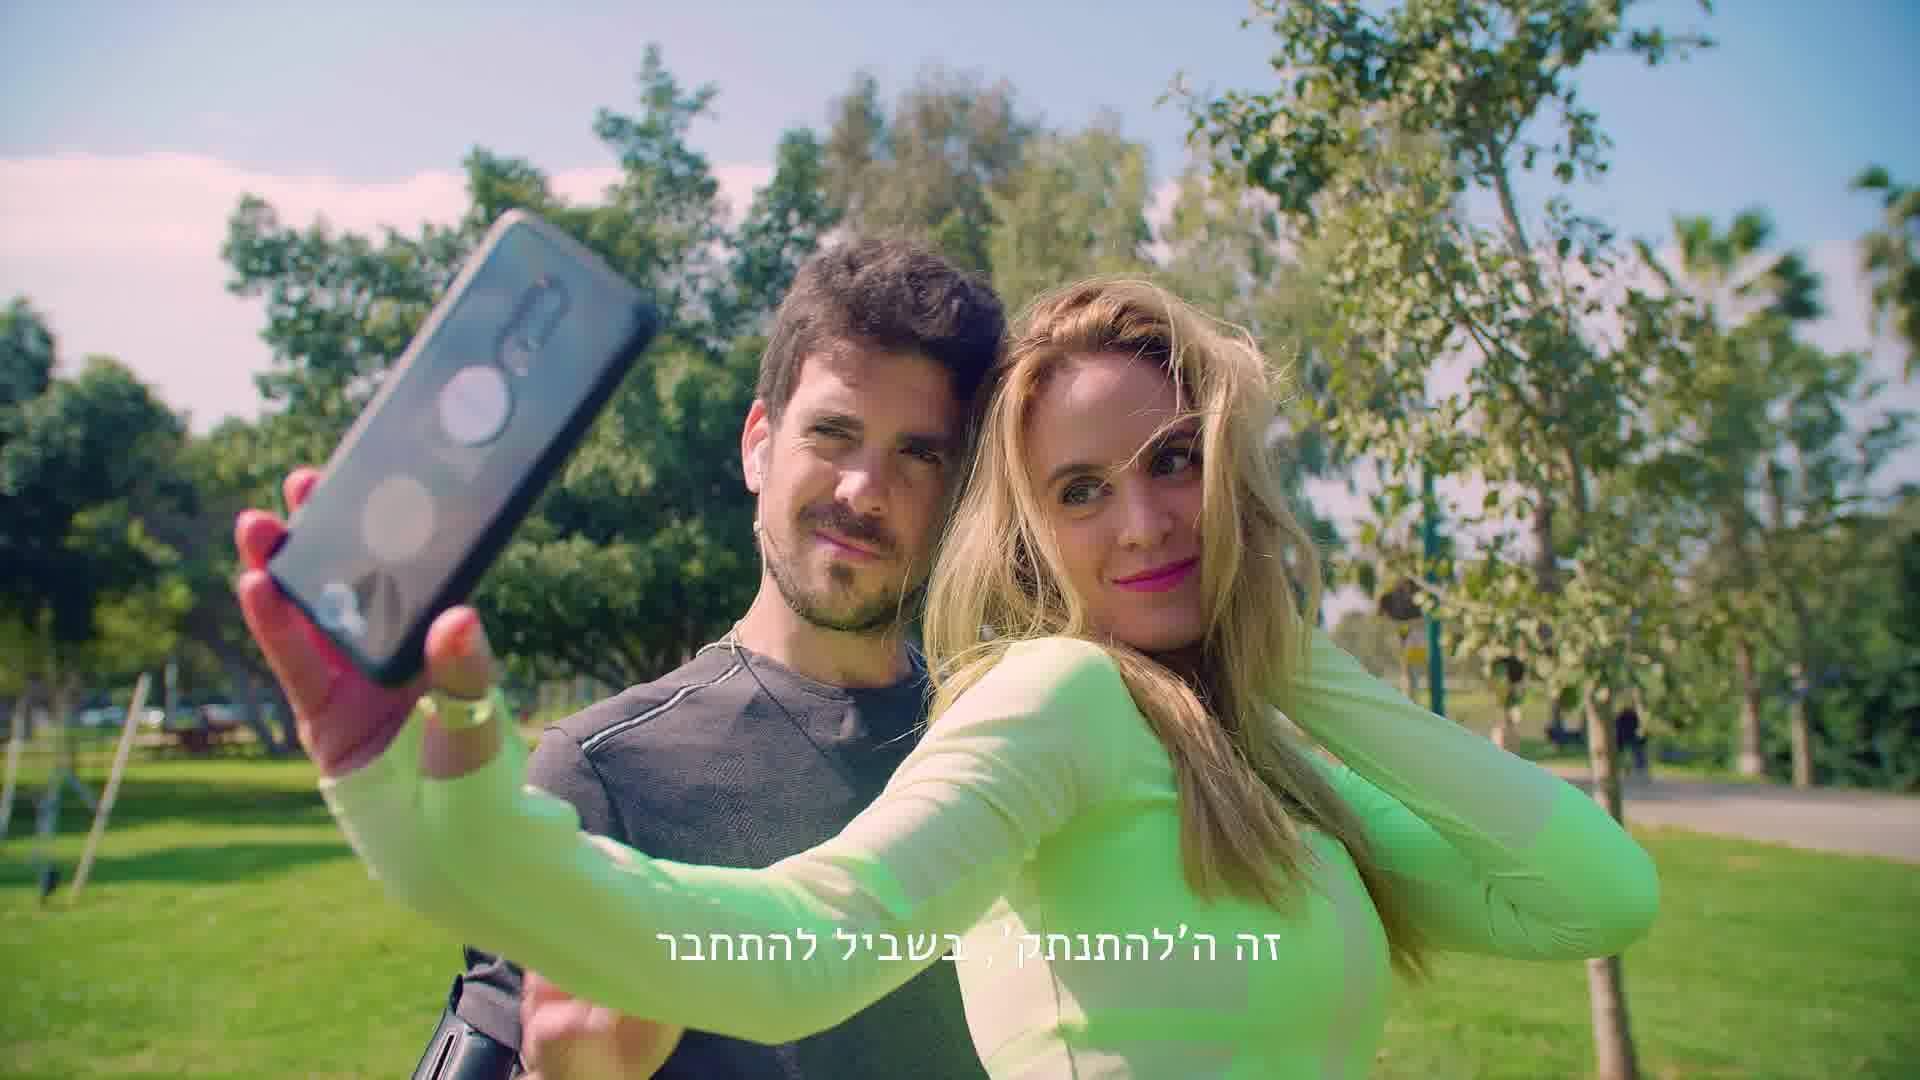 מרתון ווינר ירושלים 2019: יש לכם את זה? בואו לרוץ!